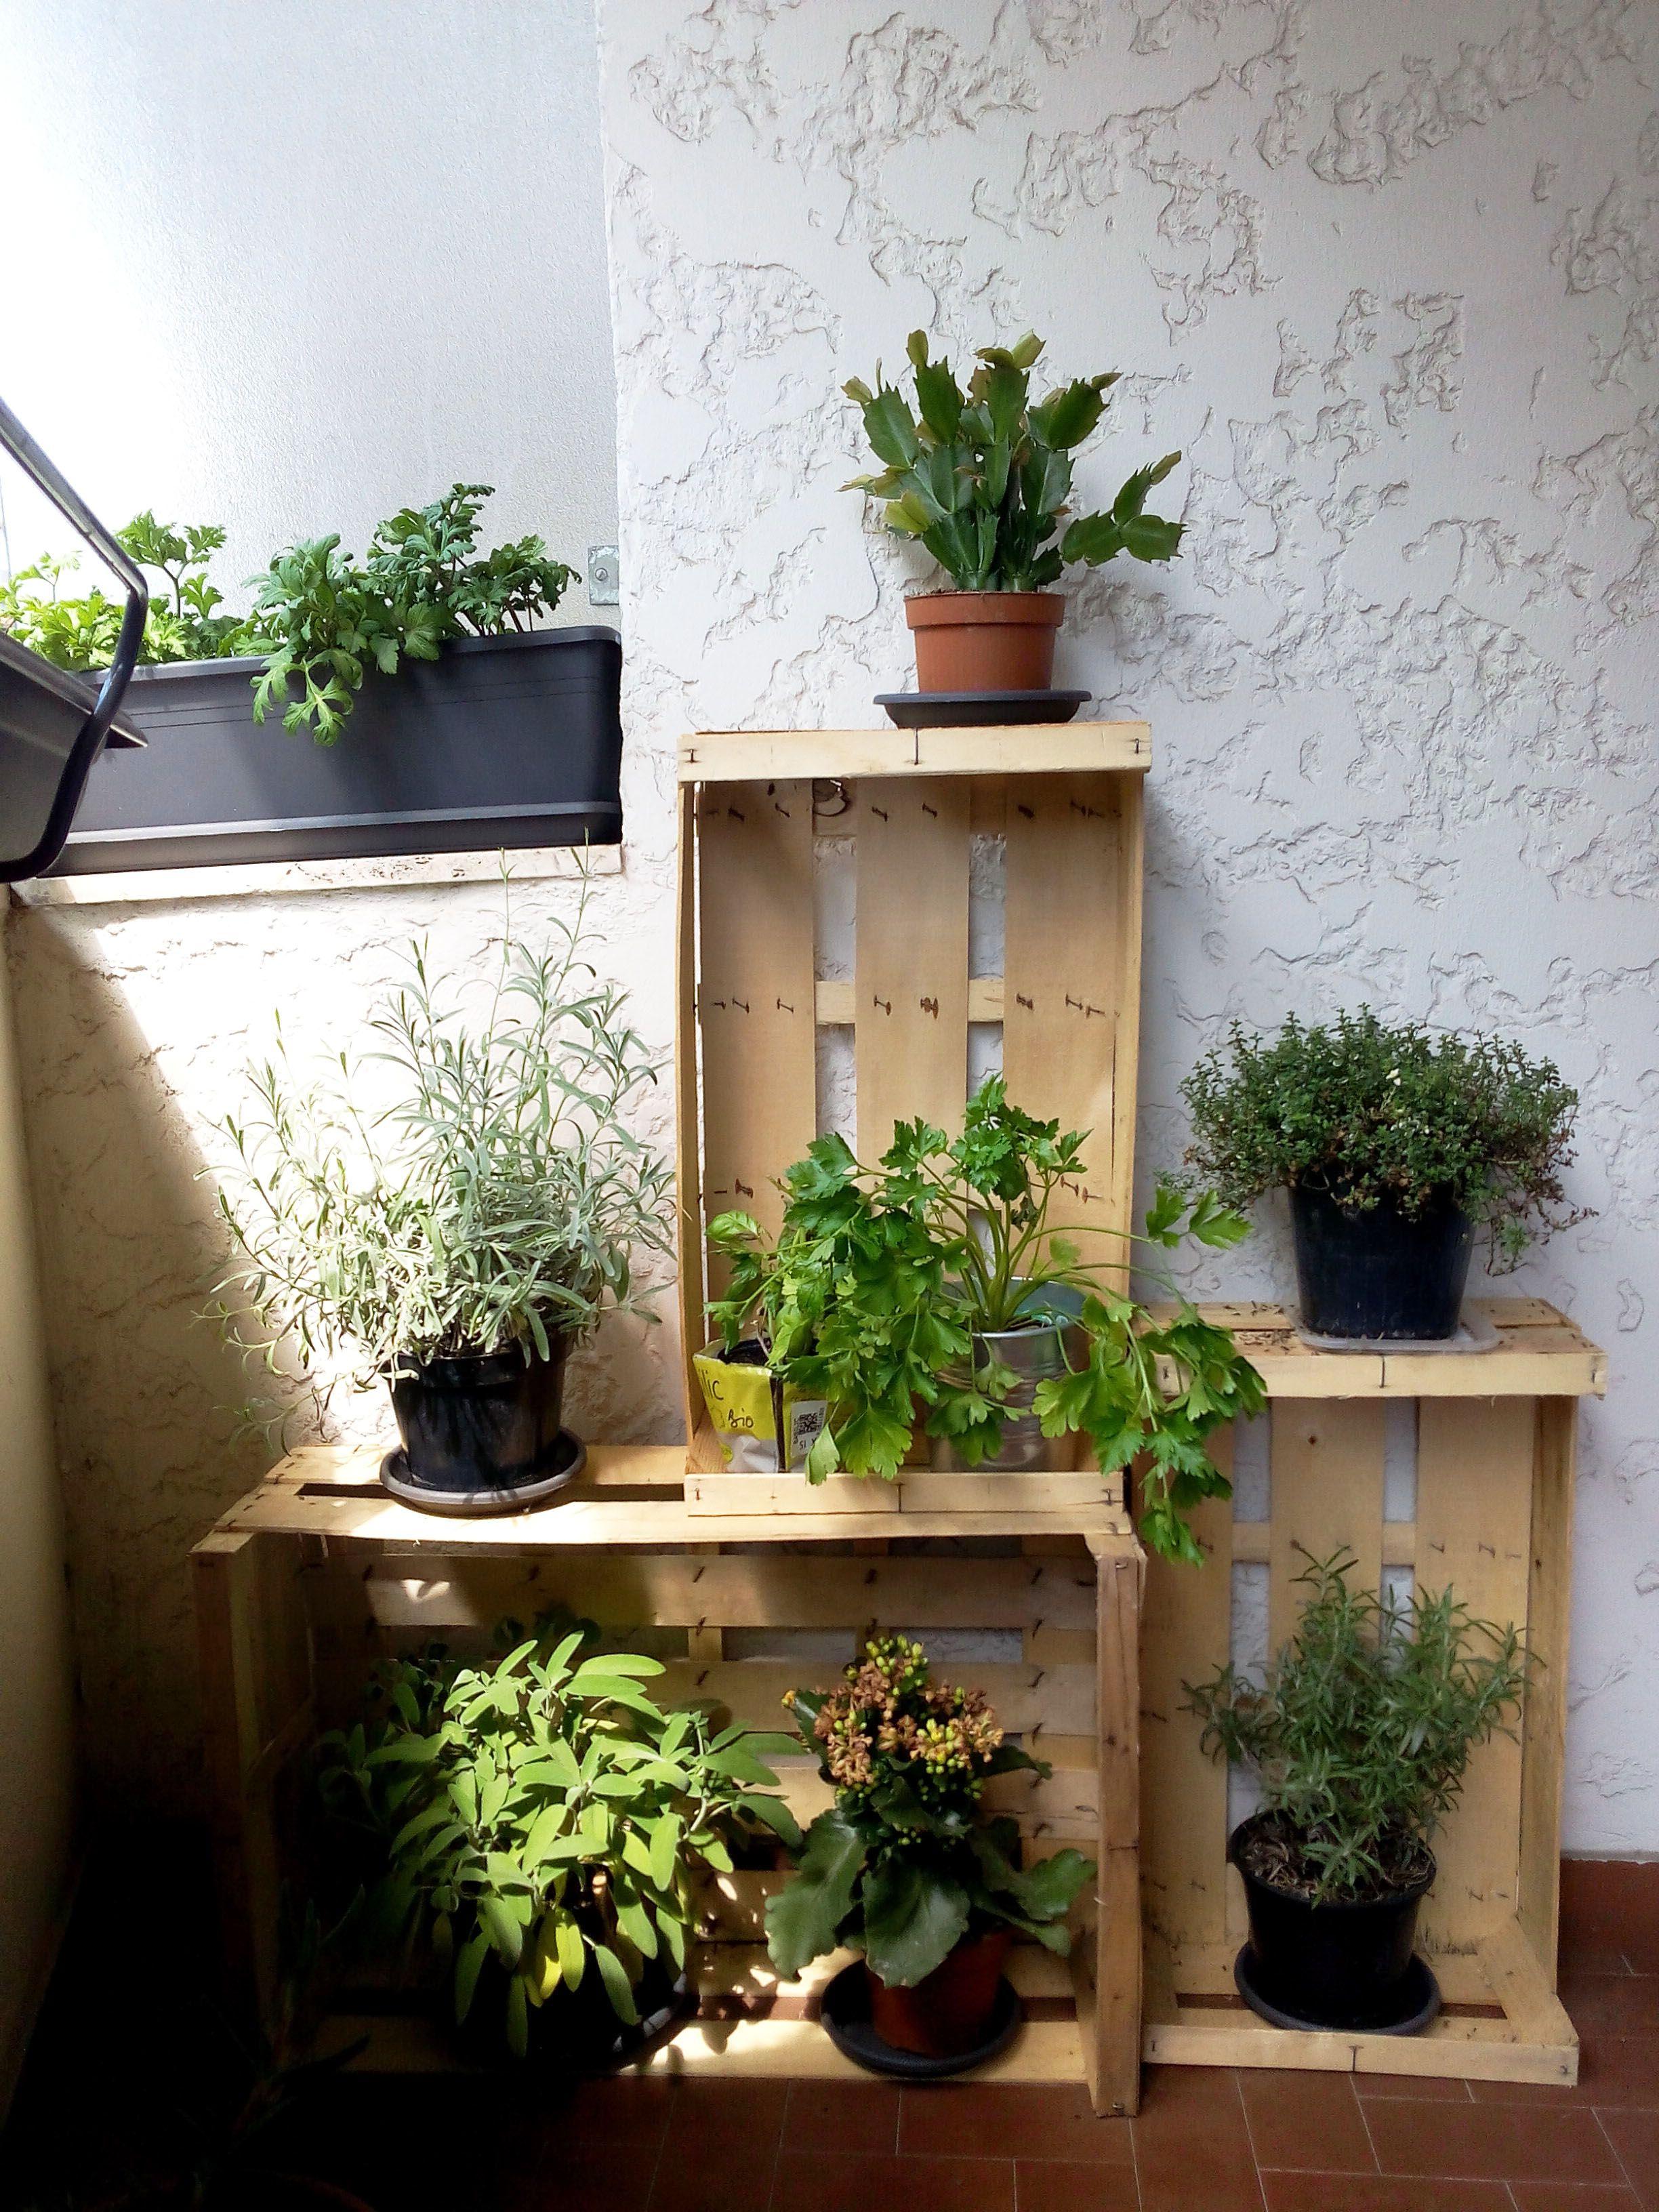 orto sul balcone aromi piante aromatiche cassette